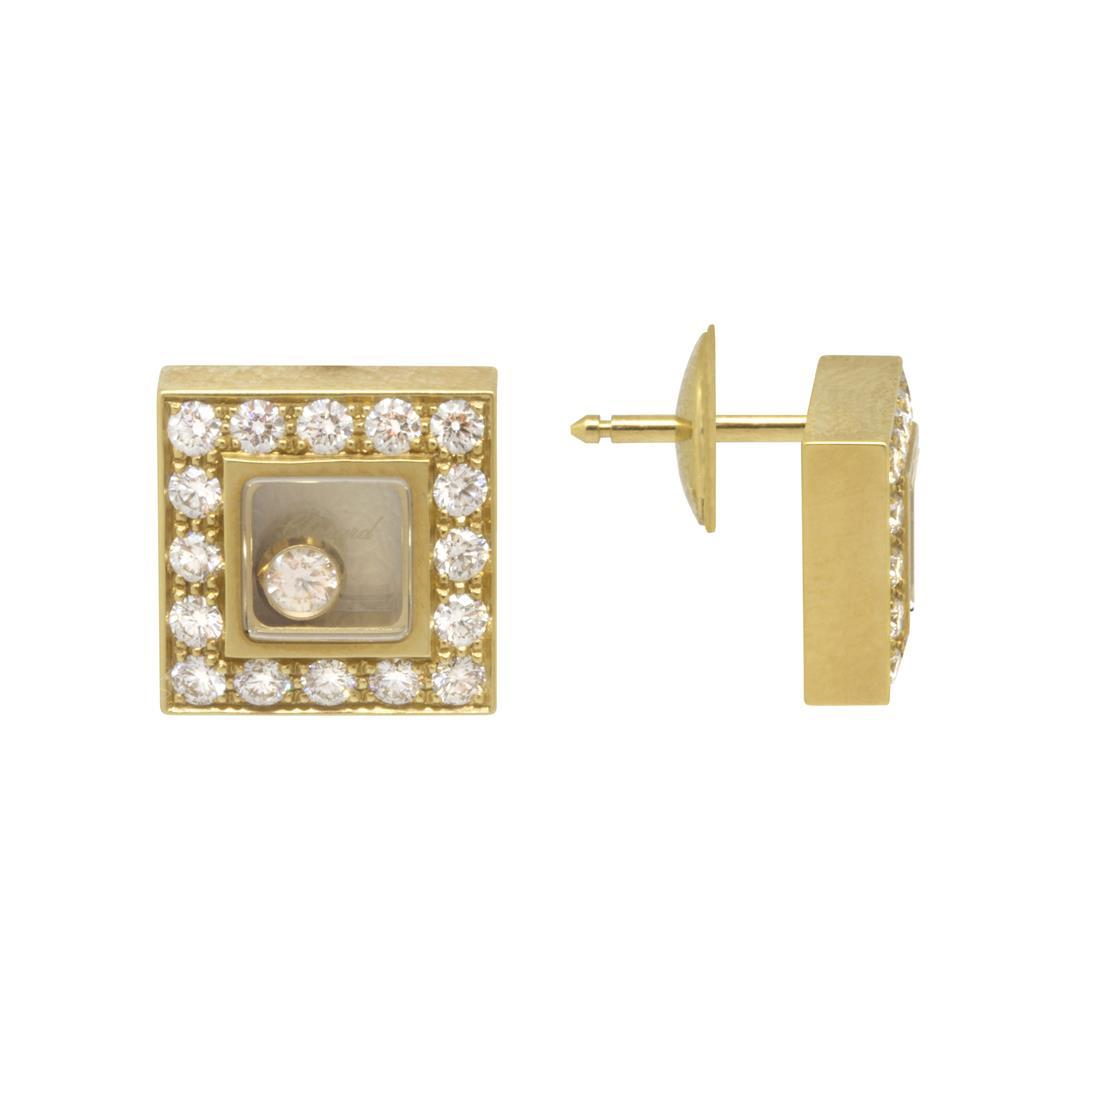 Orecchini in oro giallo con diamanti - CHOPARD